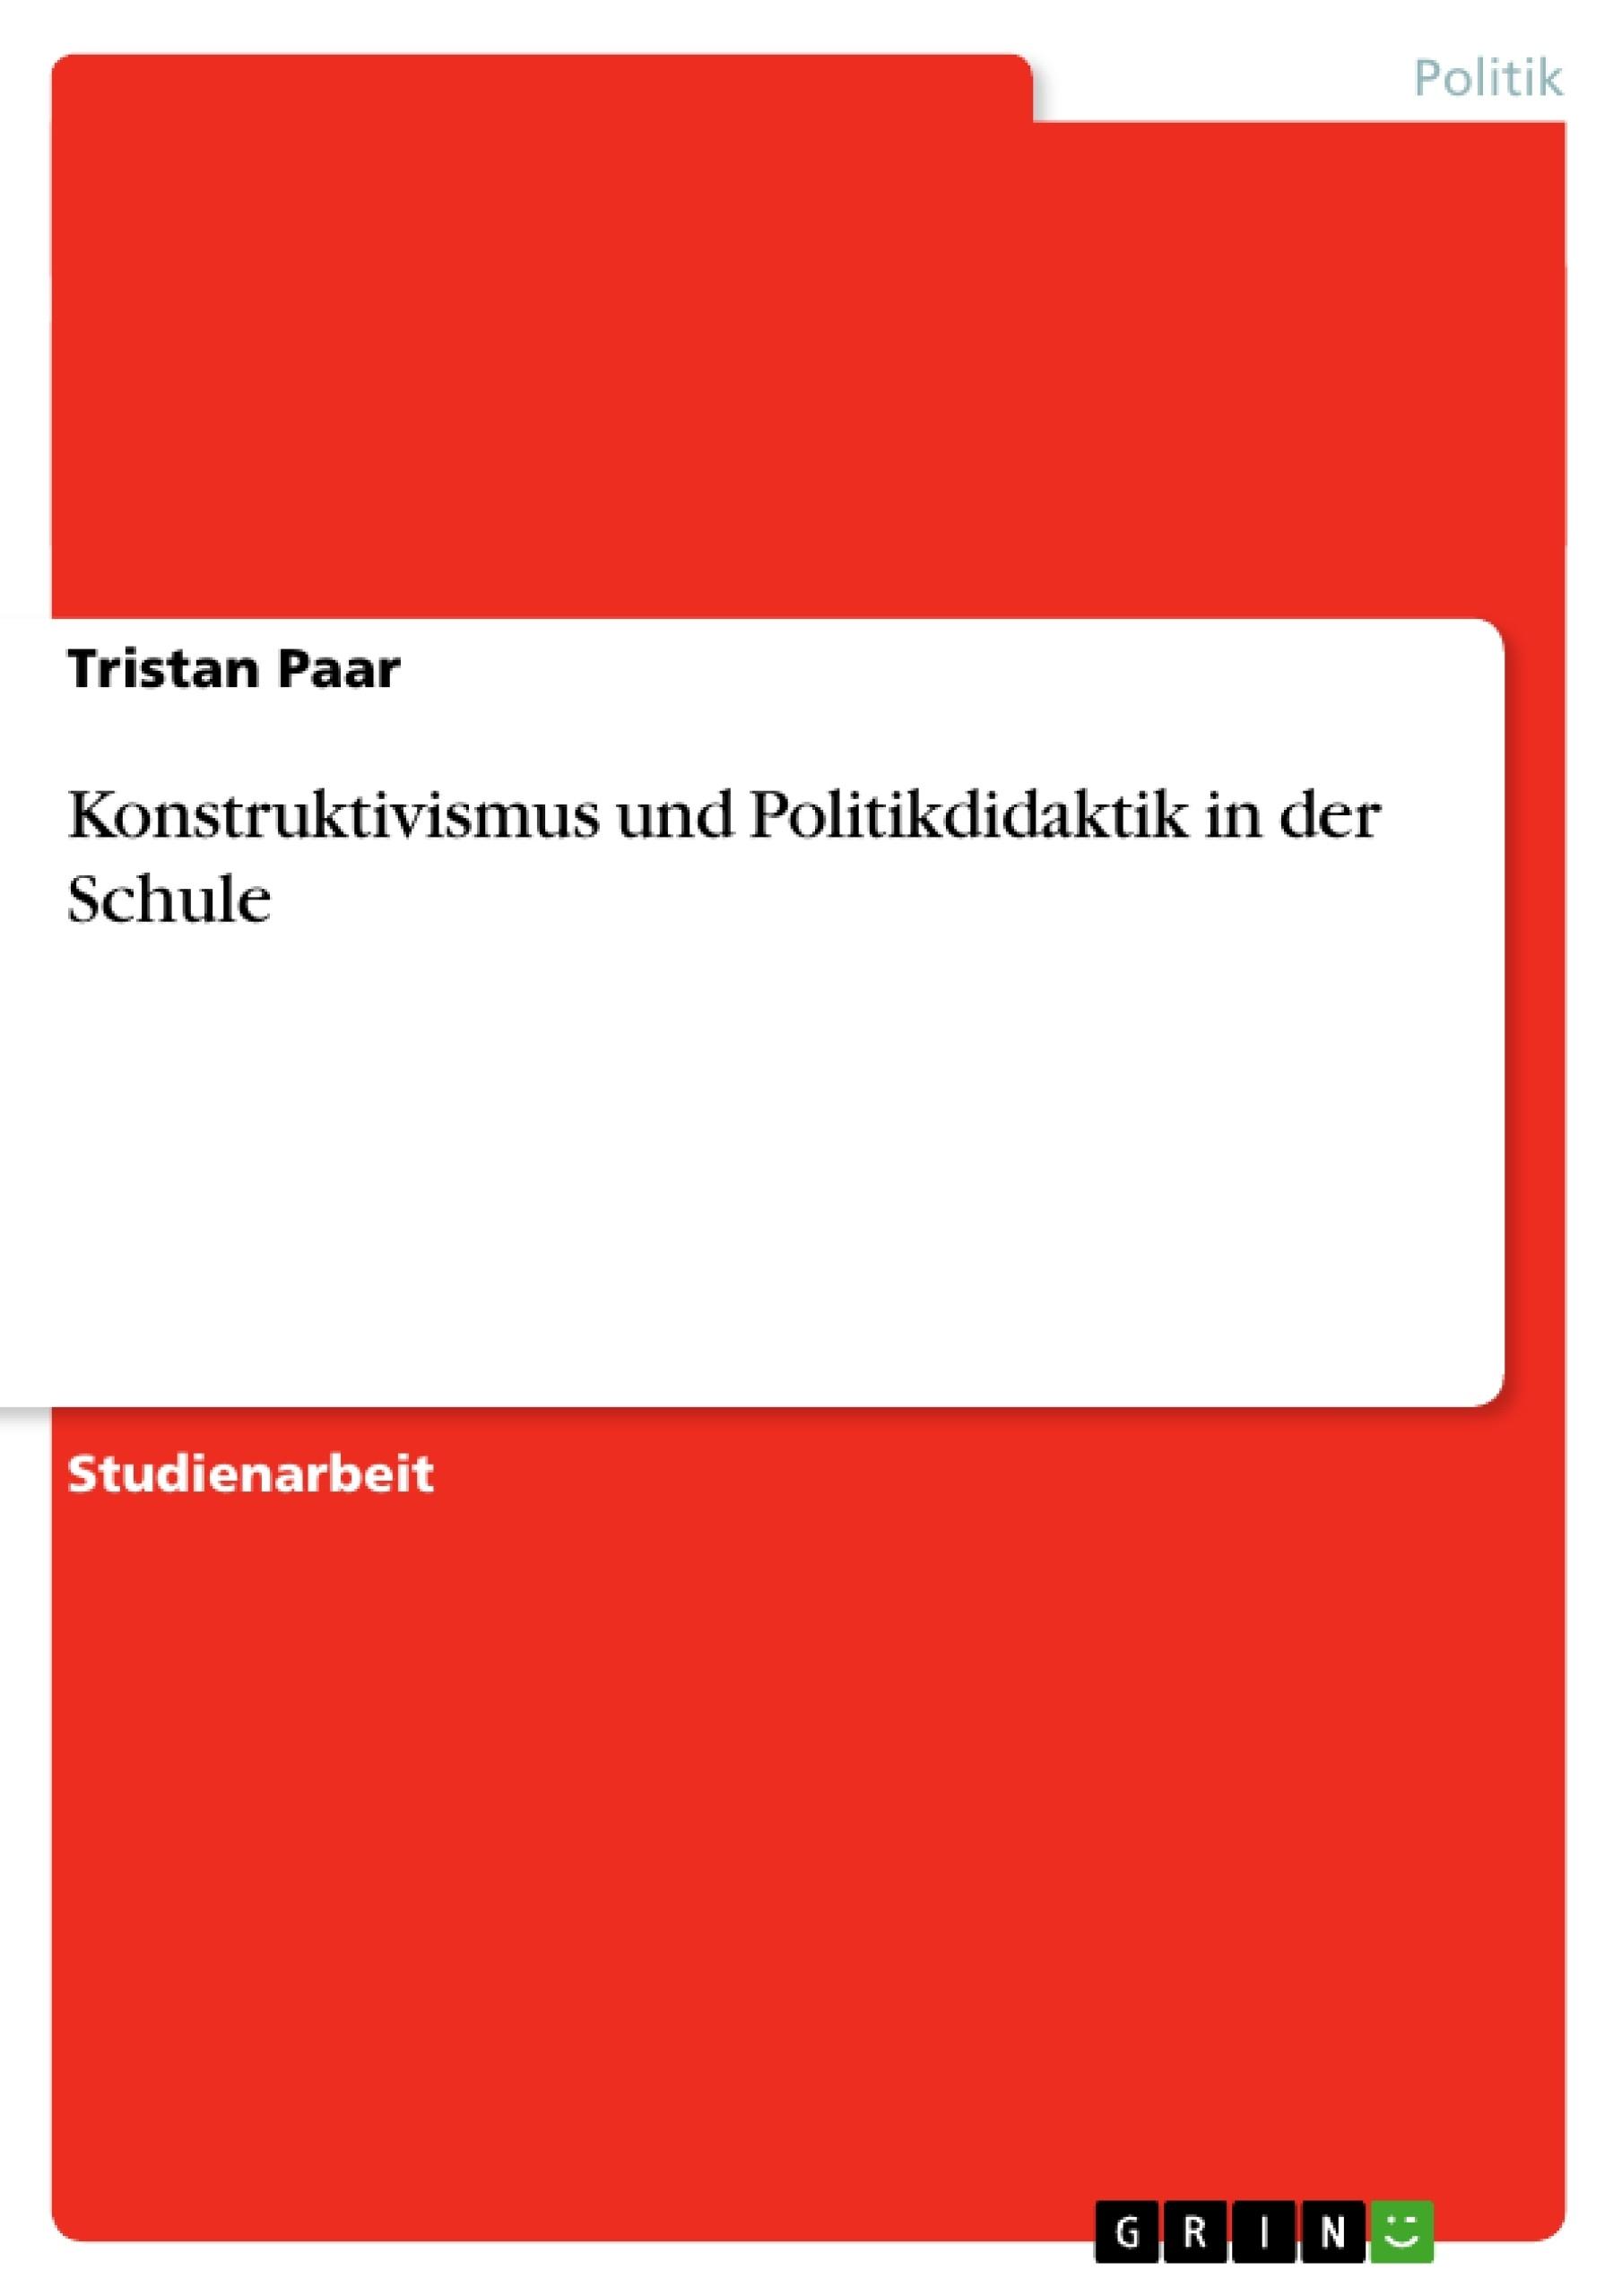 Titel: Konstruktivismus und Politikdidaktik in der Schule